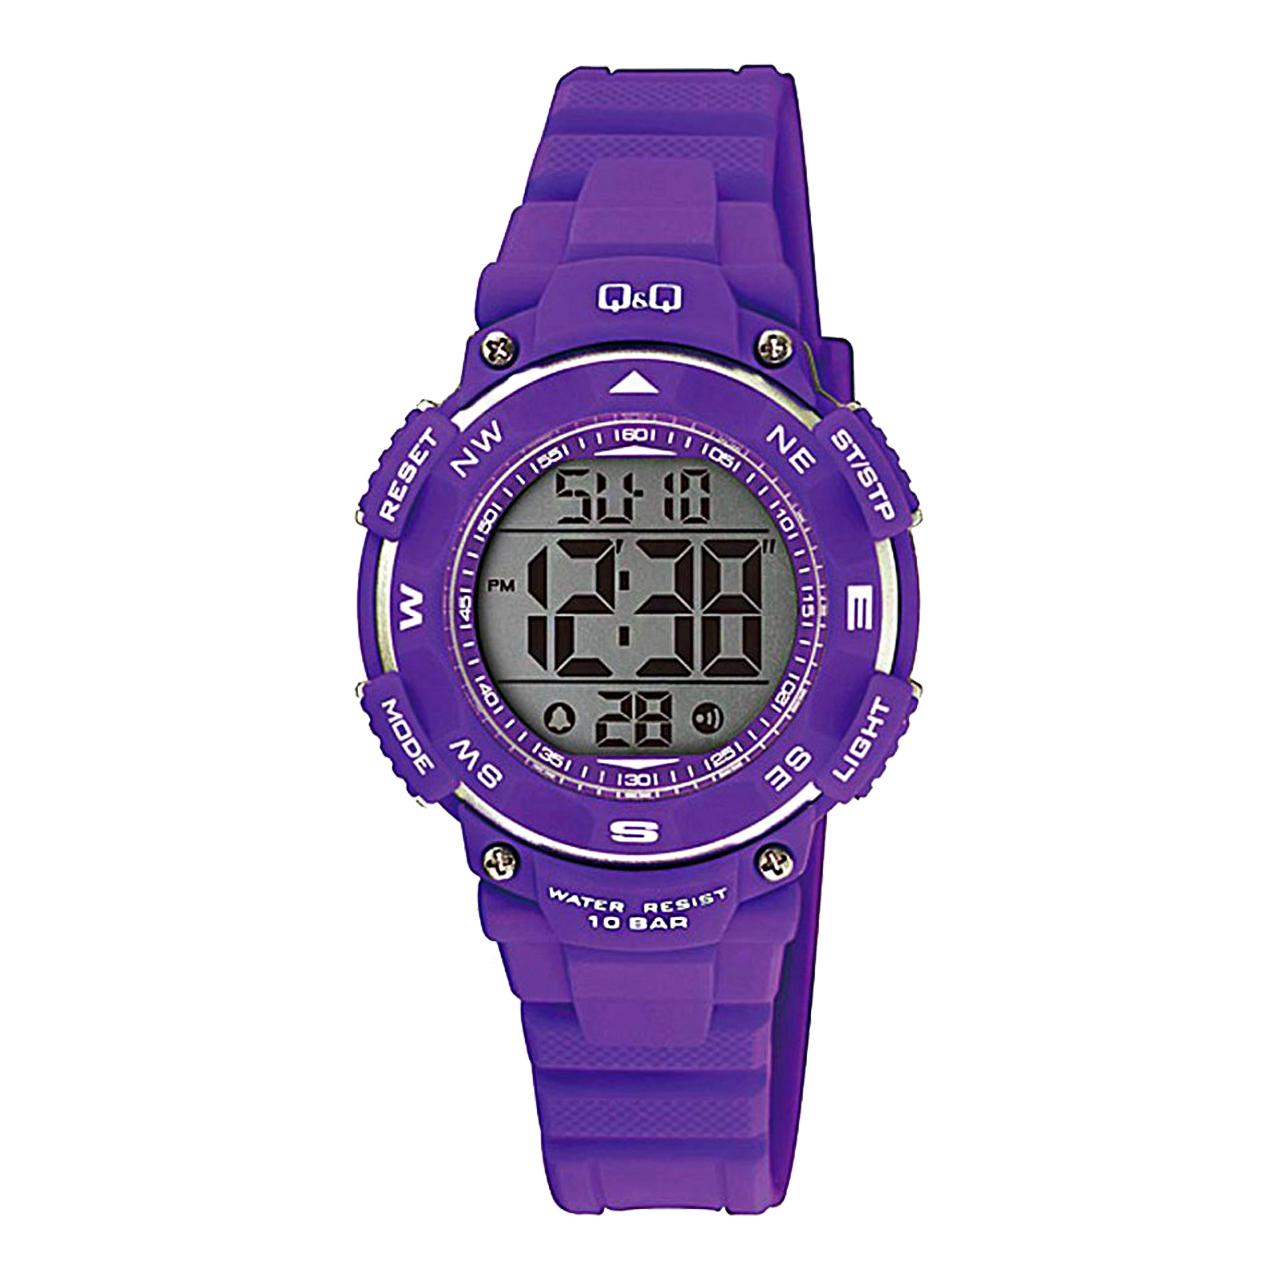 ساعت مچی دیجیتالی کیو اند کیو مدل m149j003y به همراه دستمال مخصوص برند کلین واچ 14